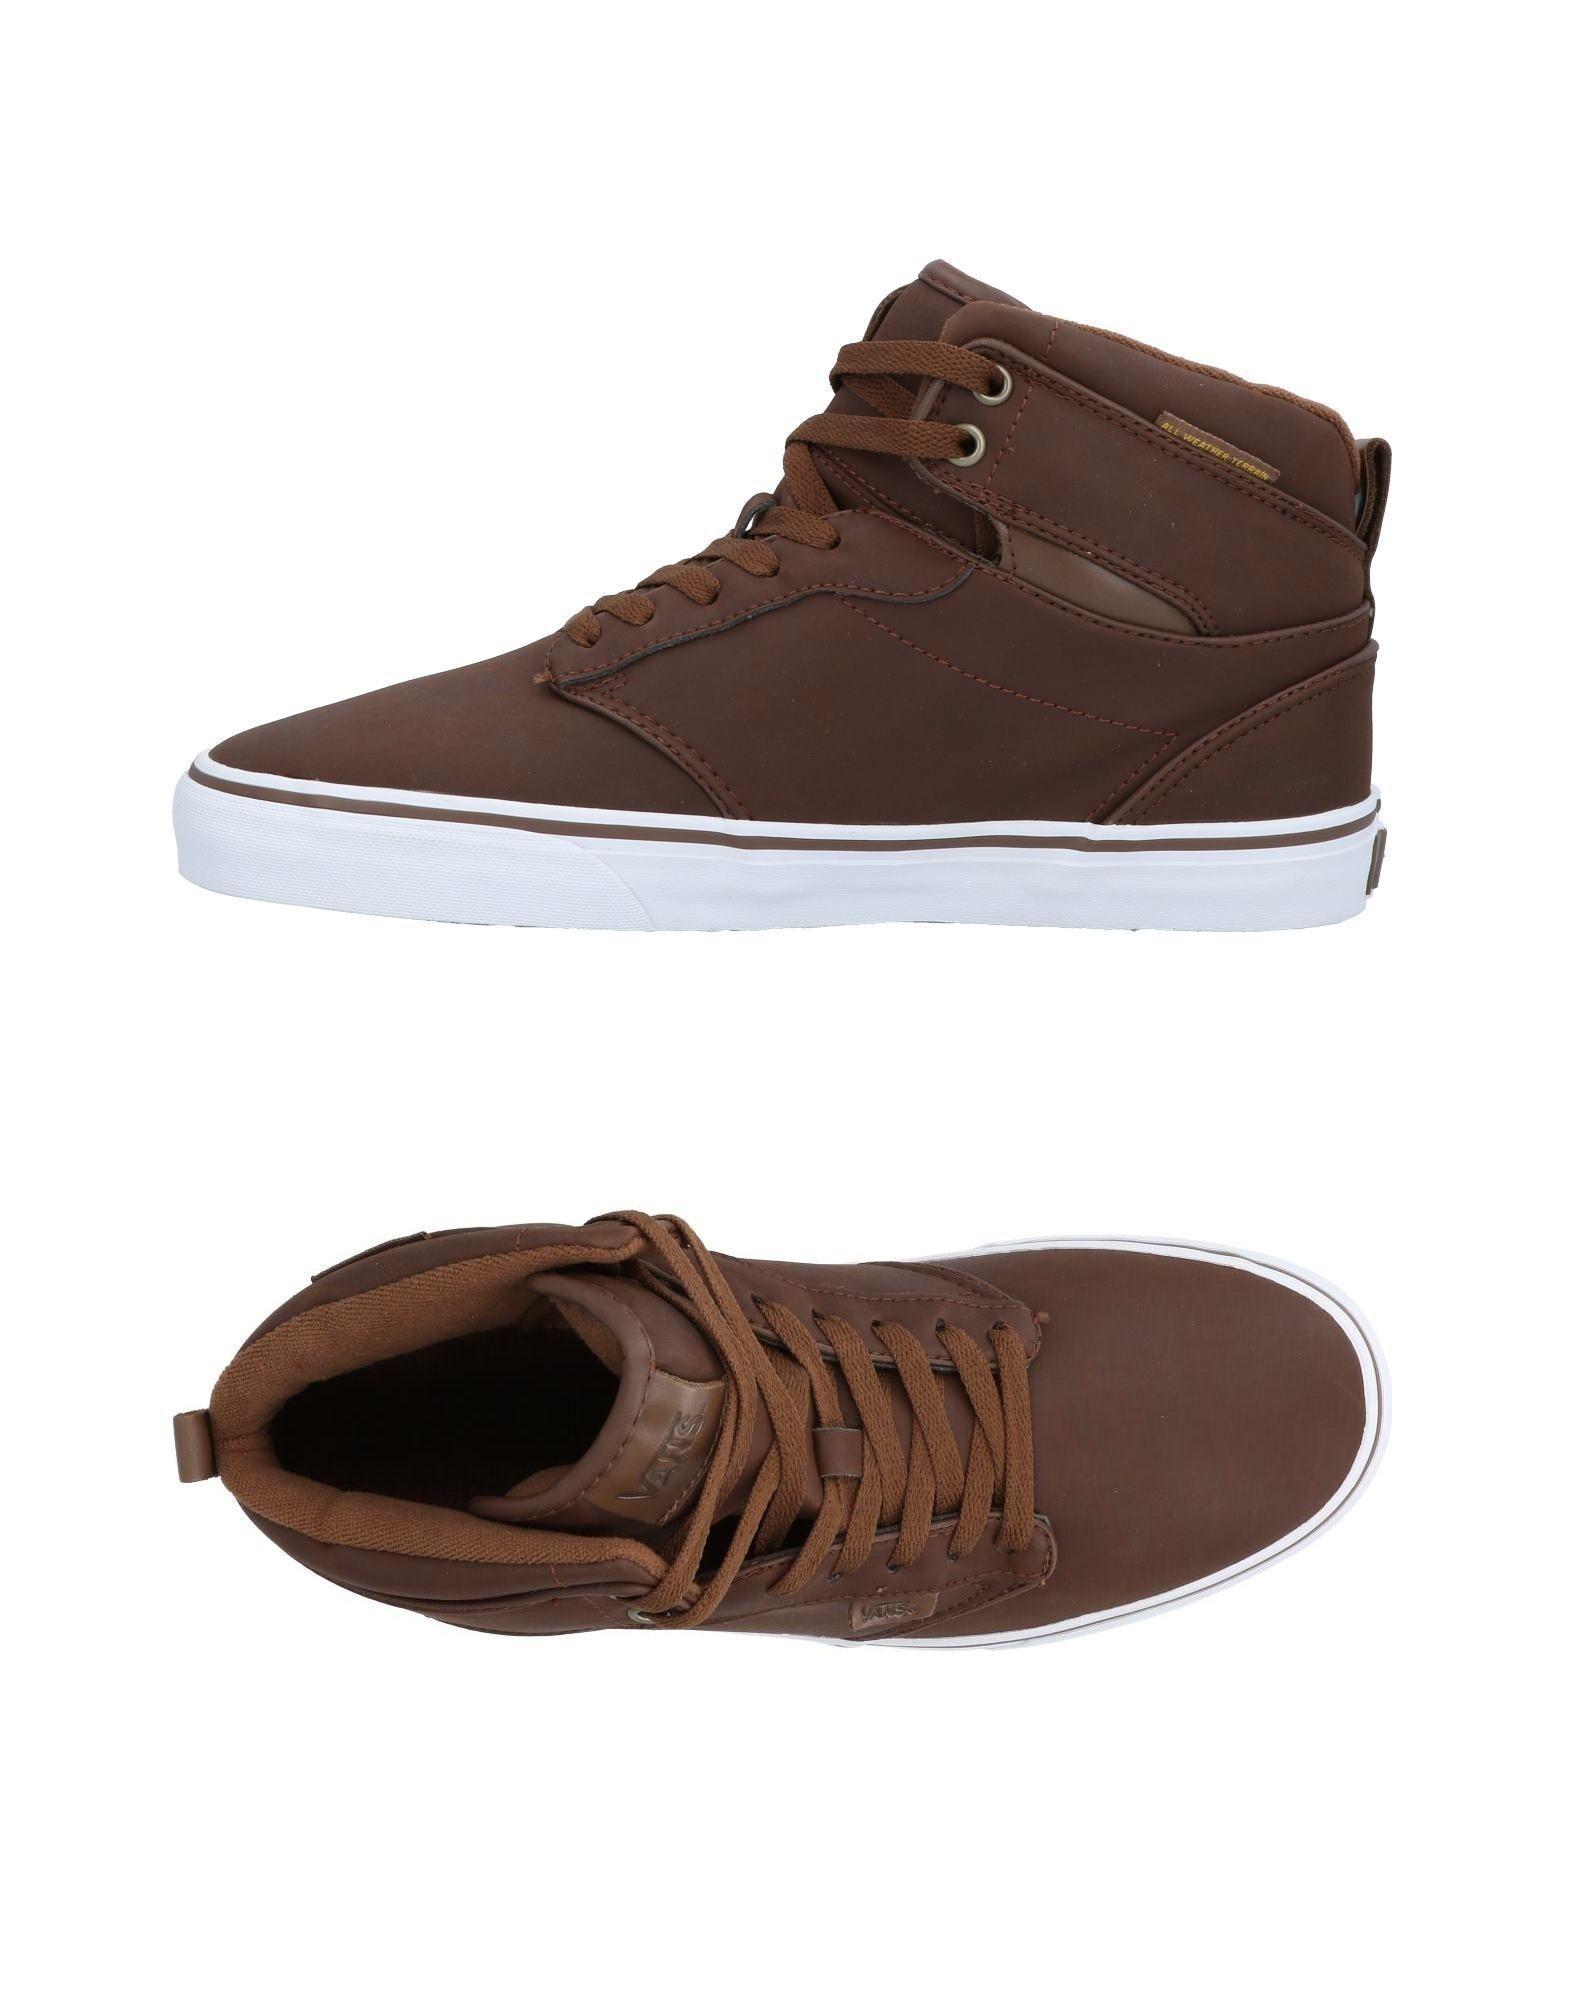 Vans Sneakers In Cocoa